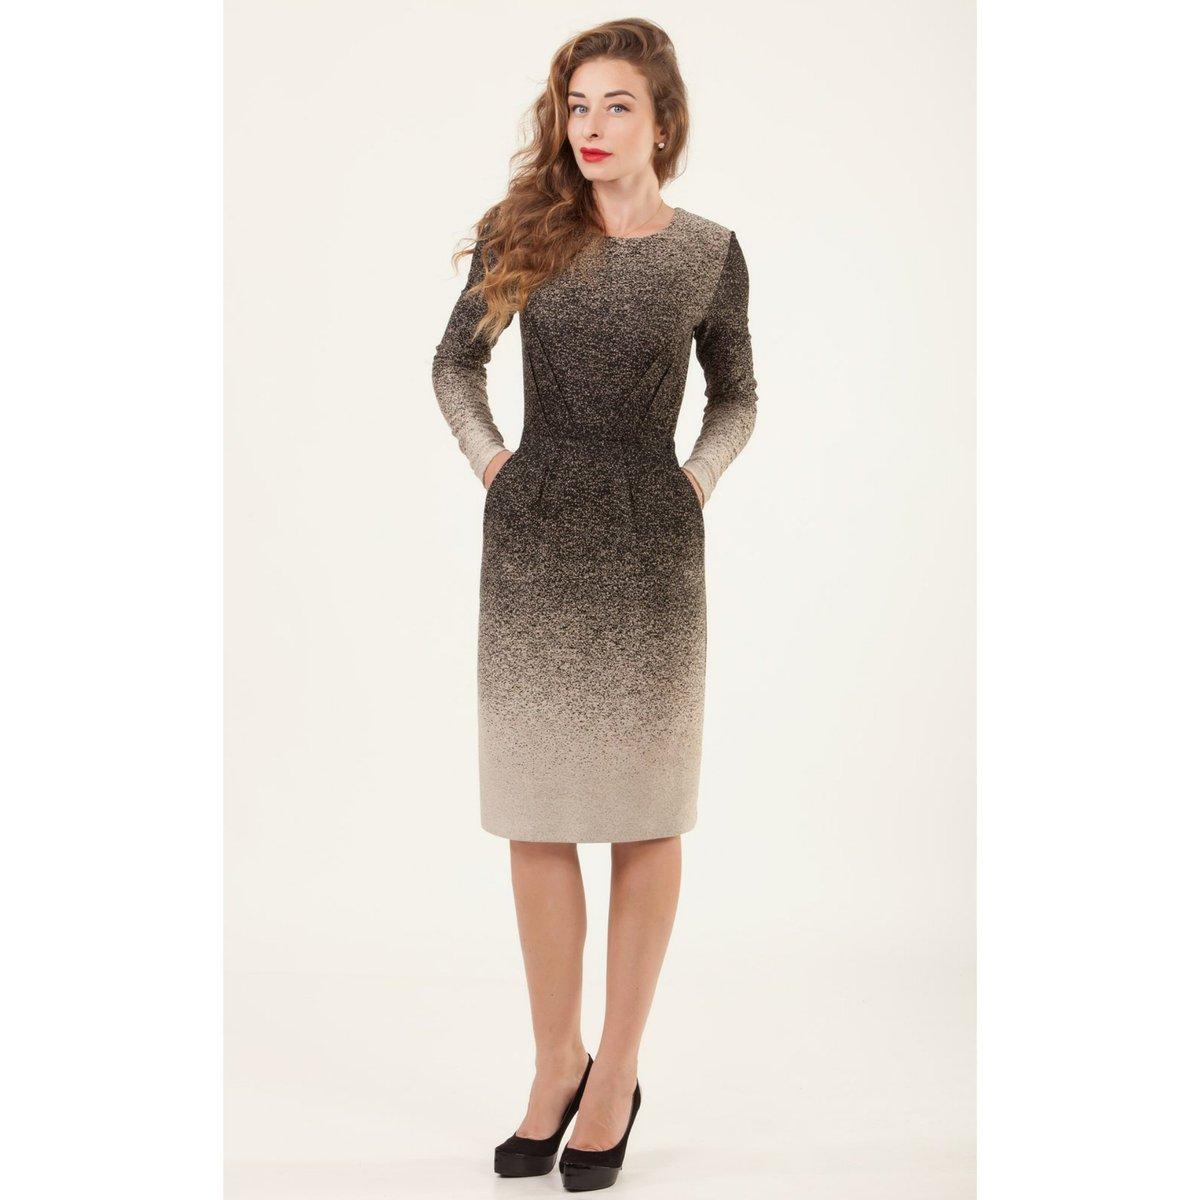 93d605d5fedb Fashion Style ( fashion stylecz)